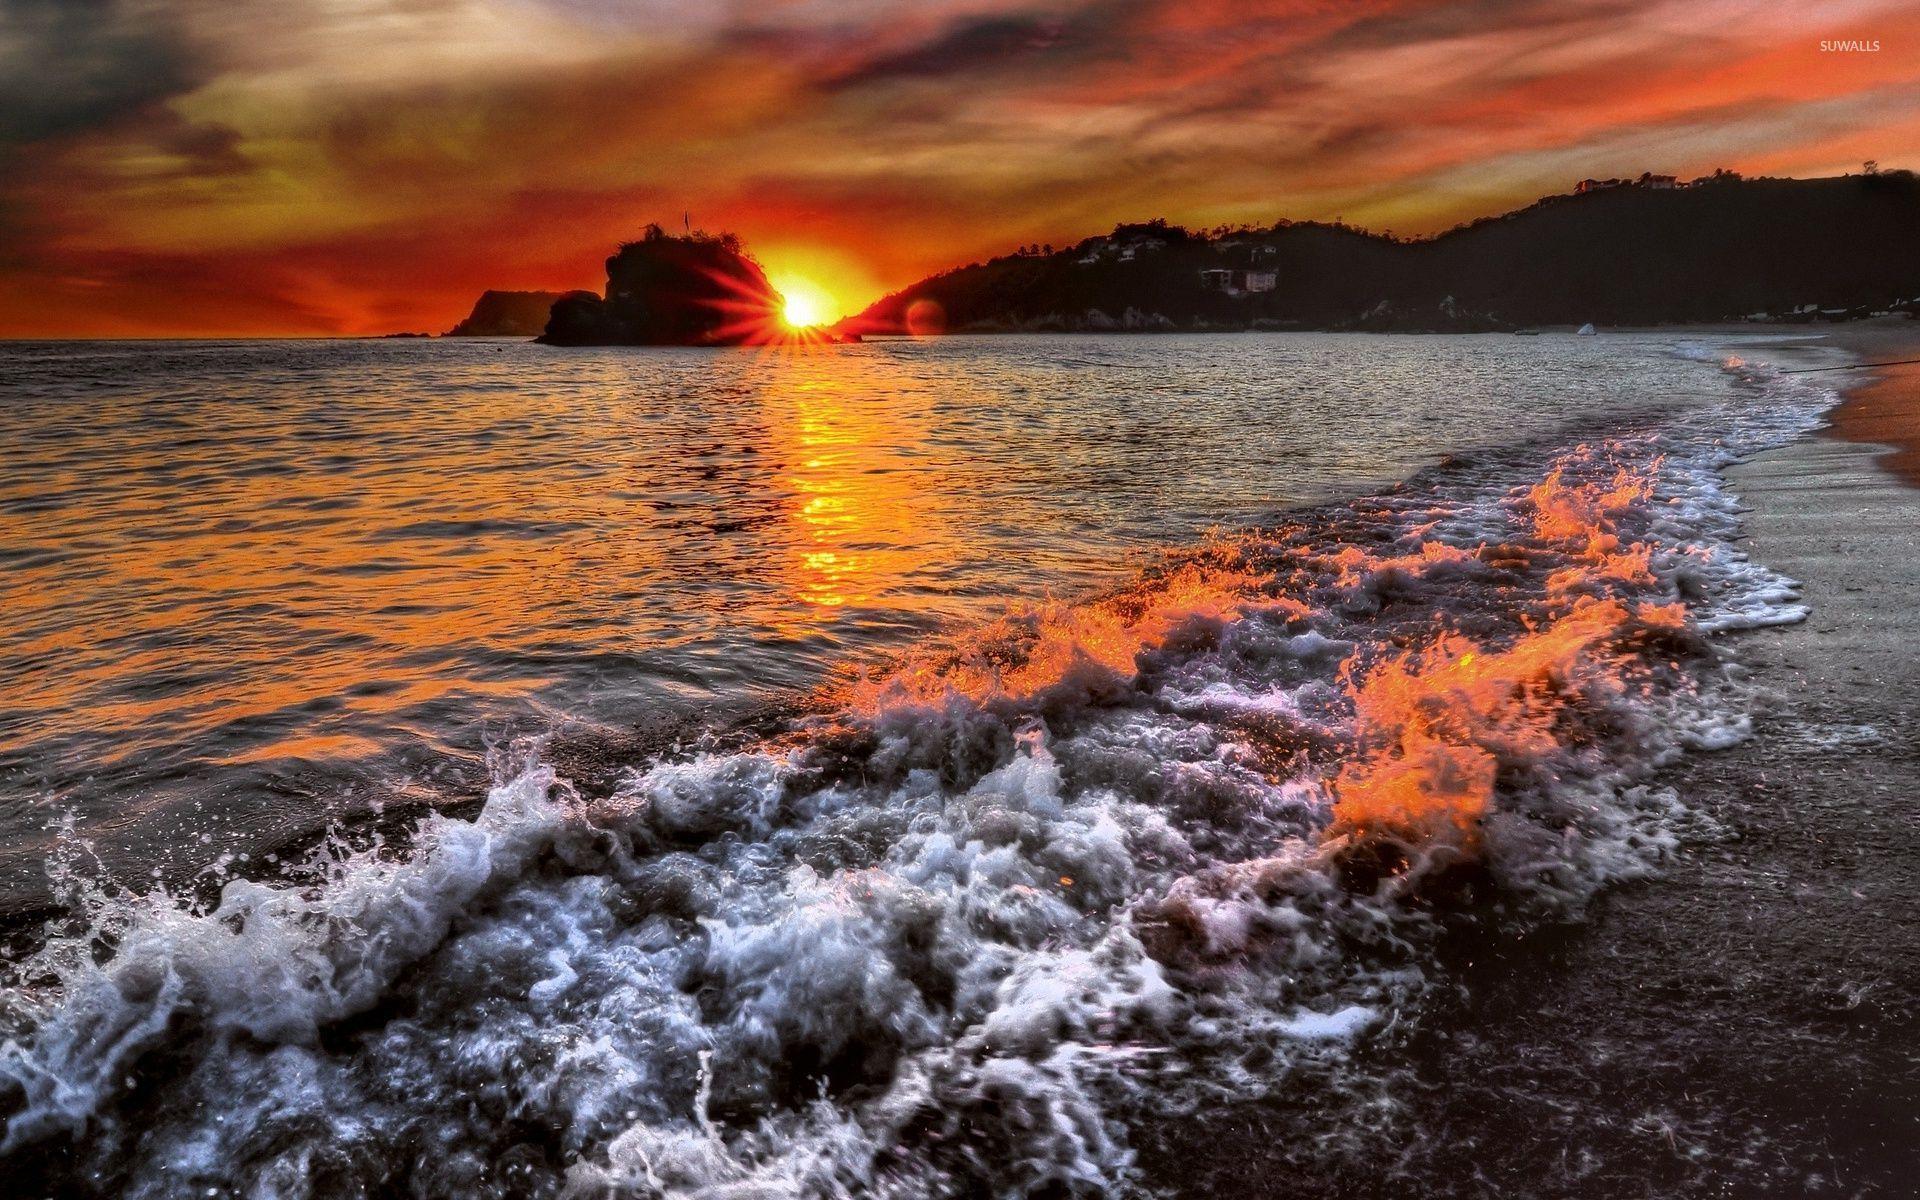 красочный закат над морем  № 1258738 загрузить